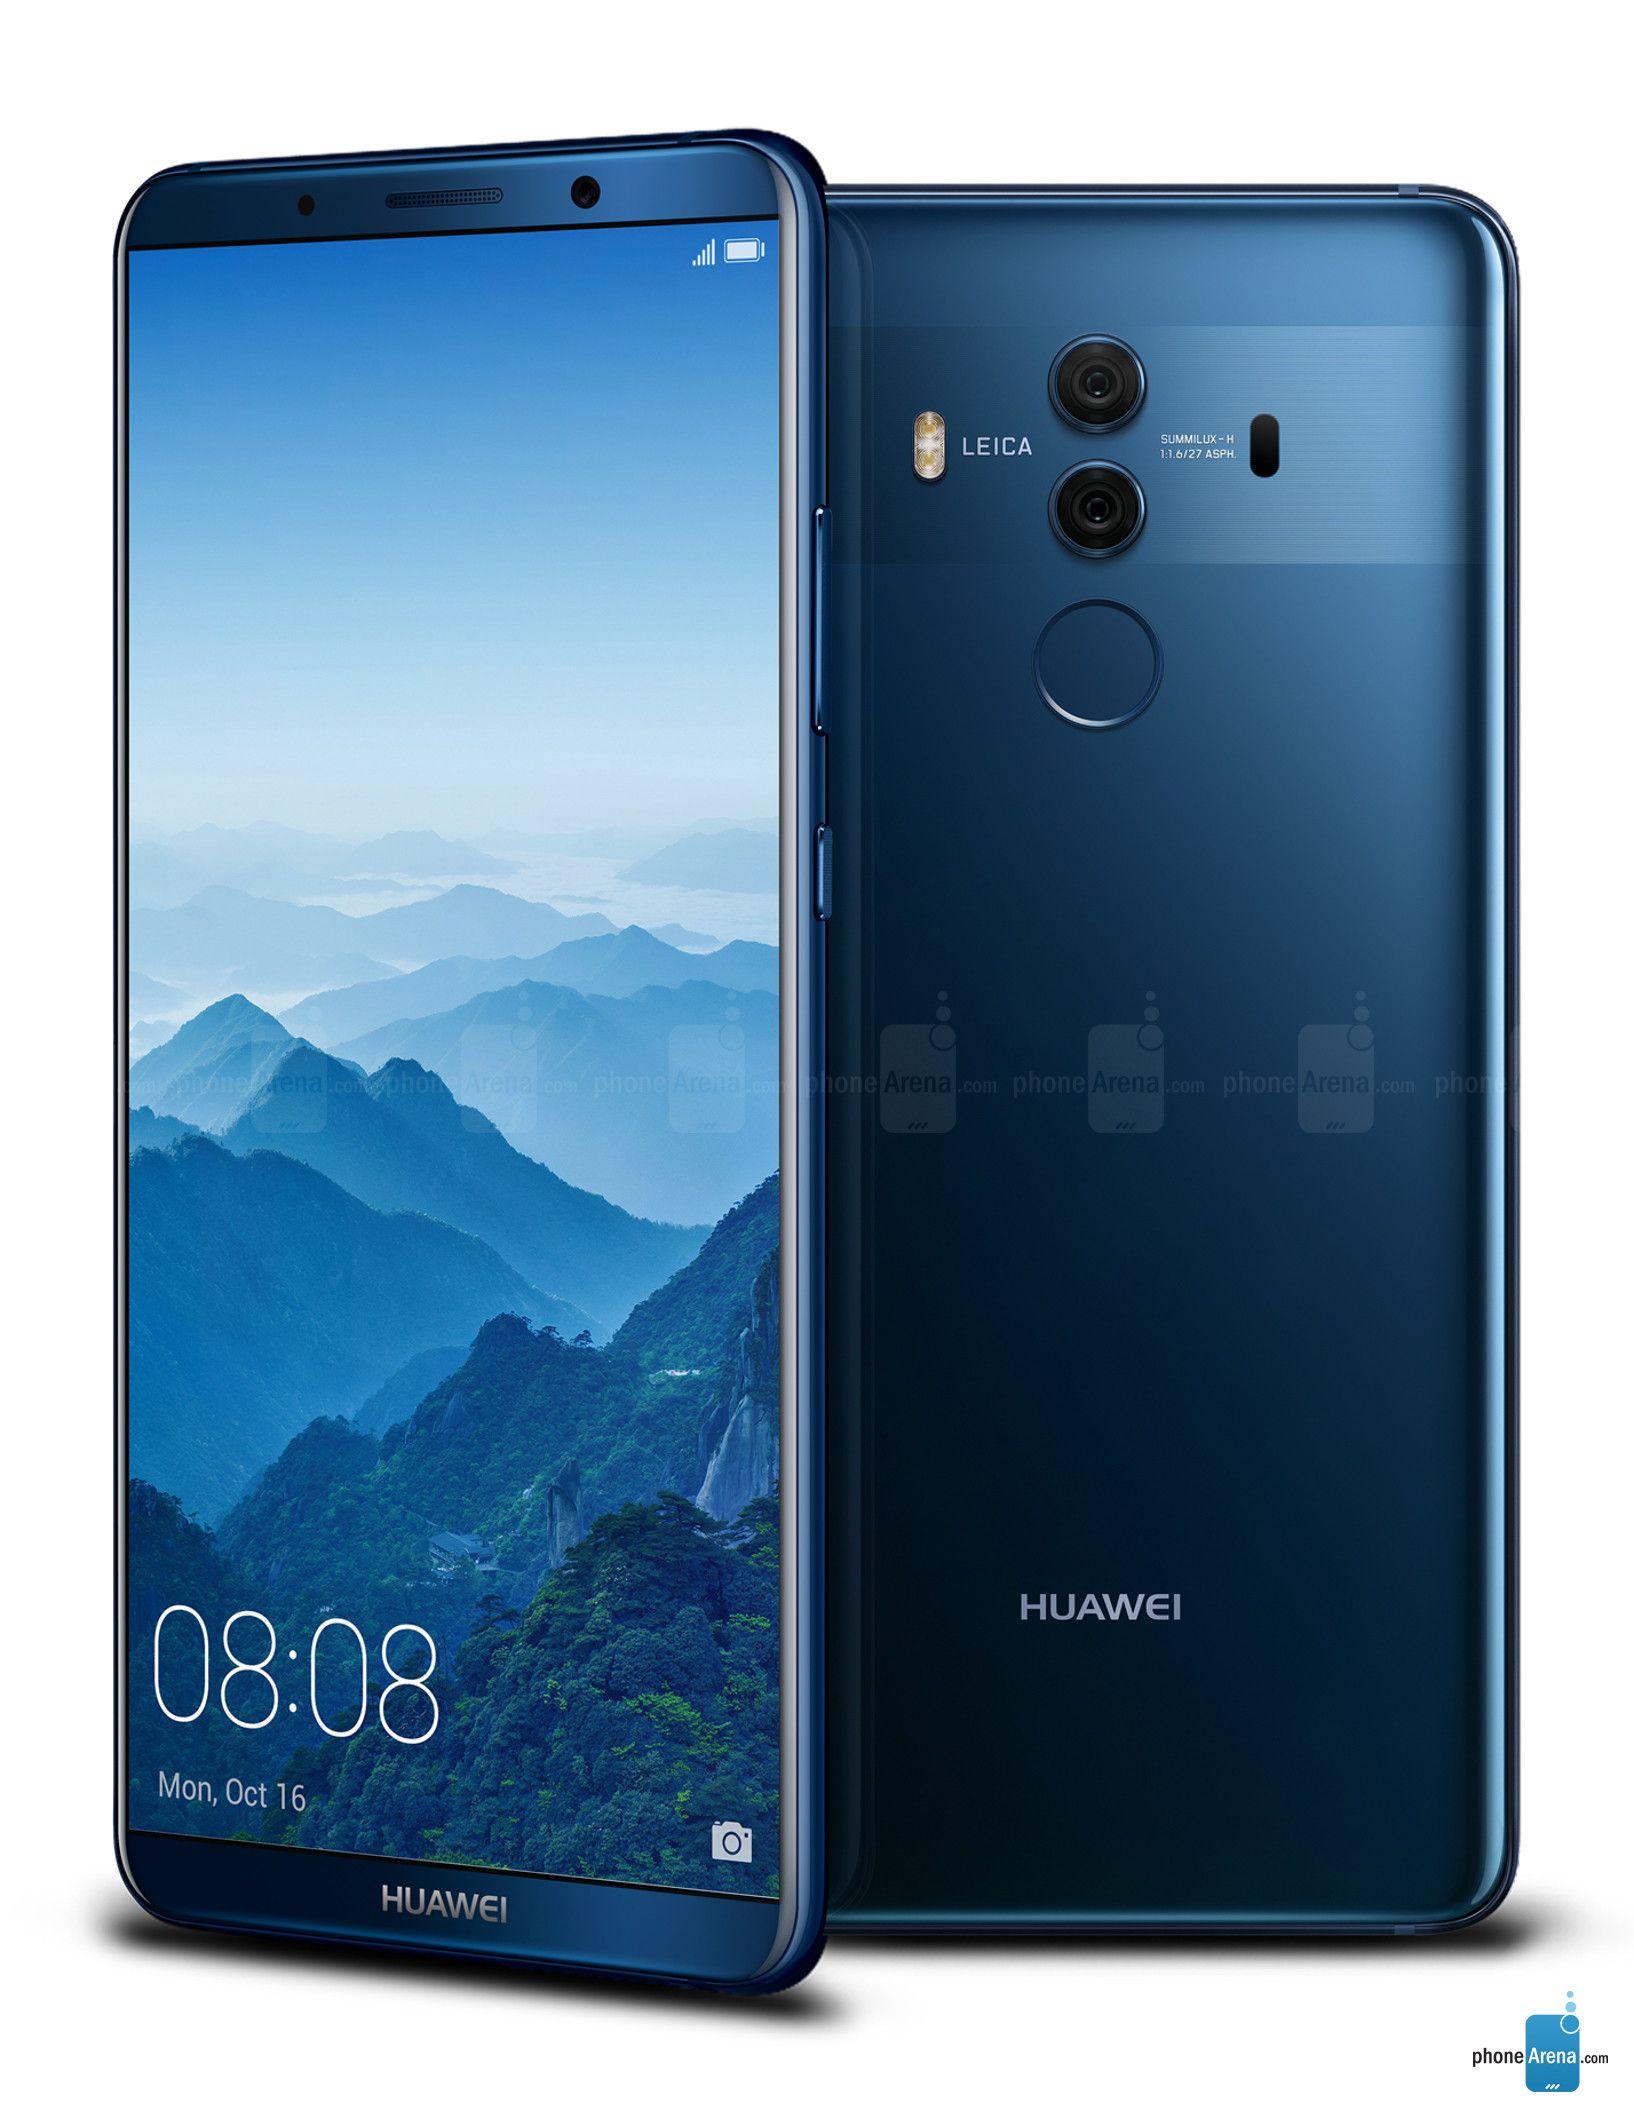 Huawei Mate 10 Pro Huawei Mate Huawei Samsung Galaxy Phone